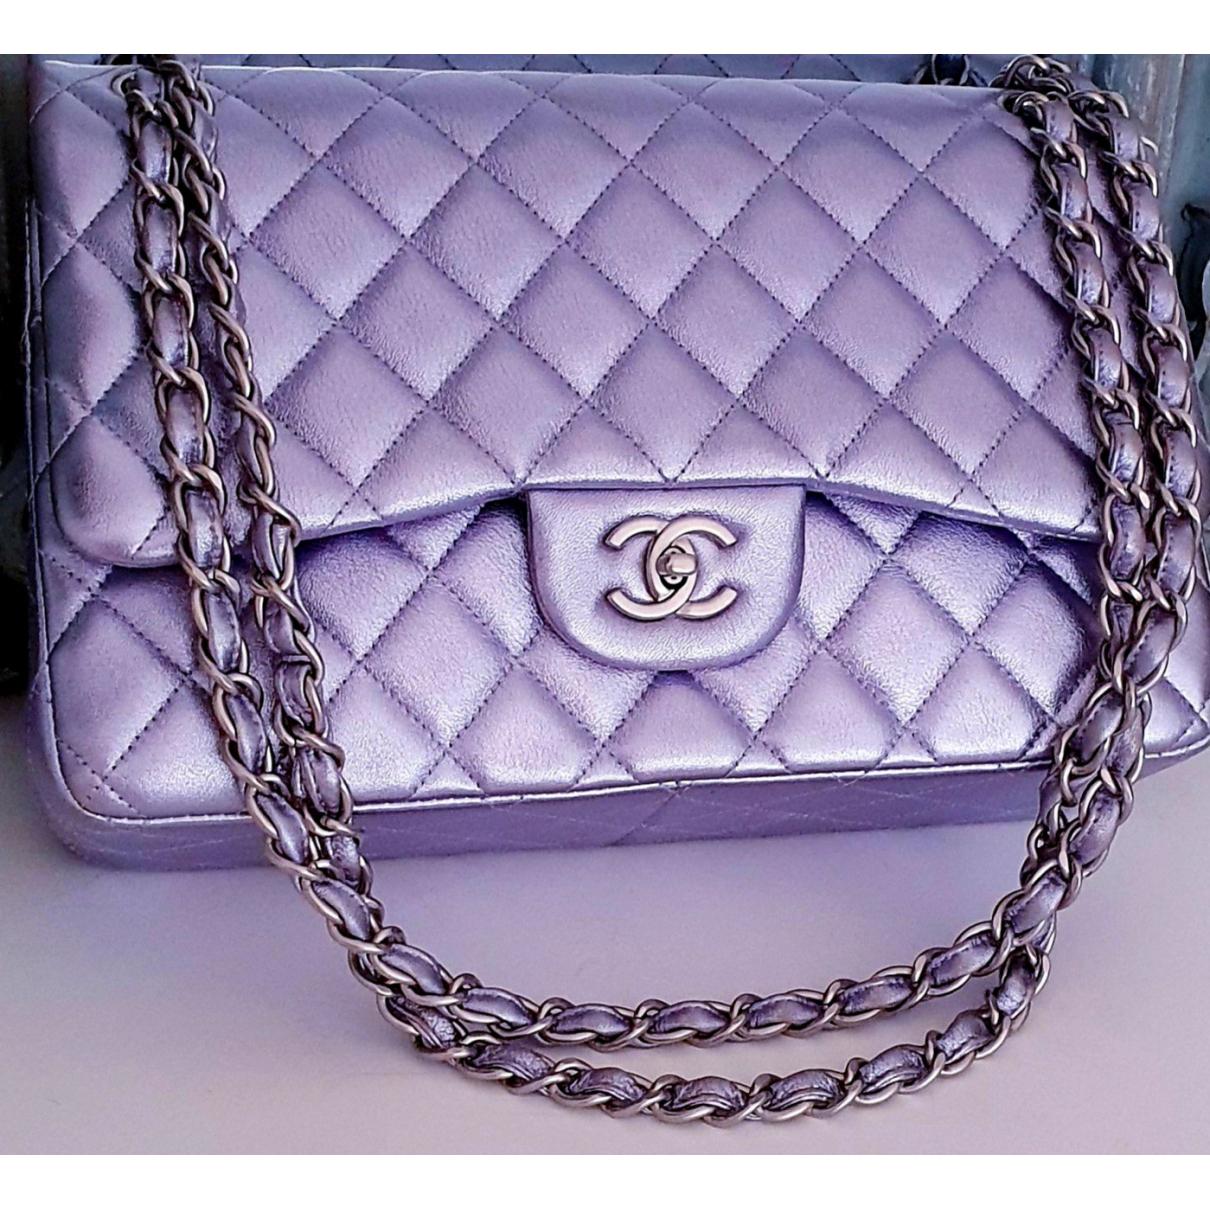 Chanel - Sac a main Timeless/Classique pour femme en cuir - violet